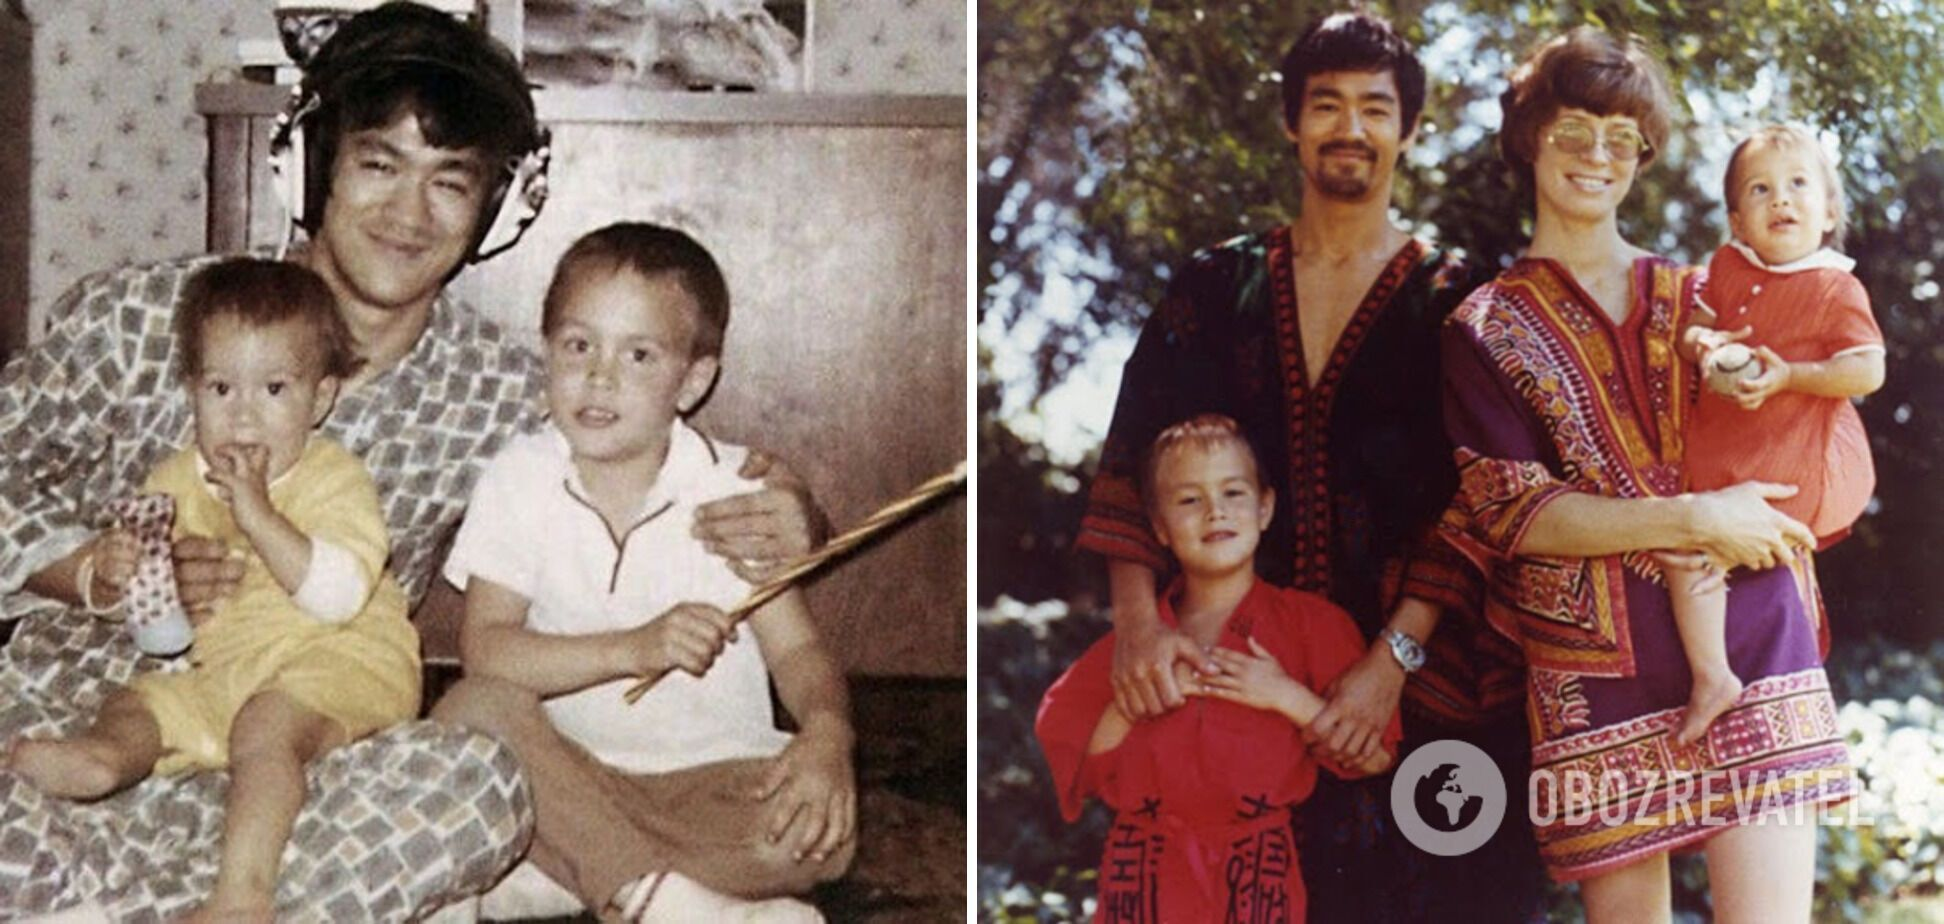 Син культового актора Брюса Лі загинув у 1993 році